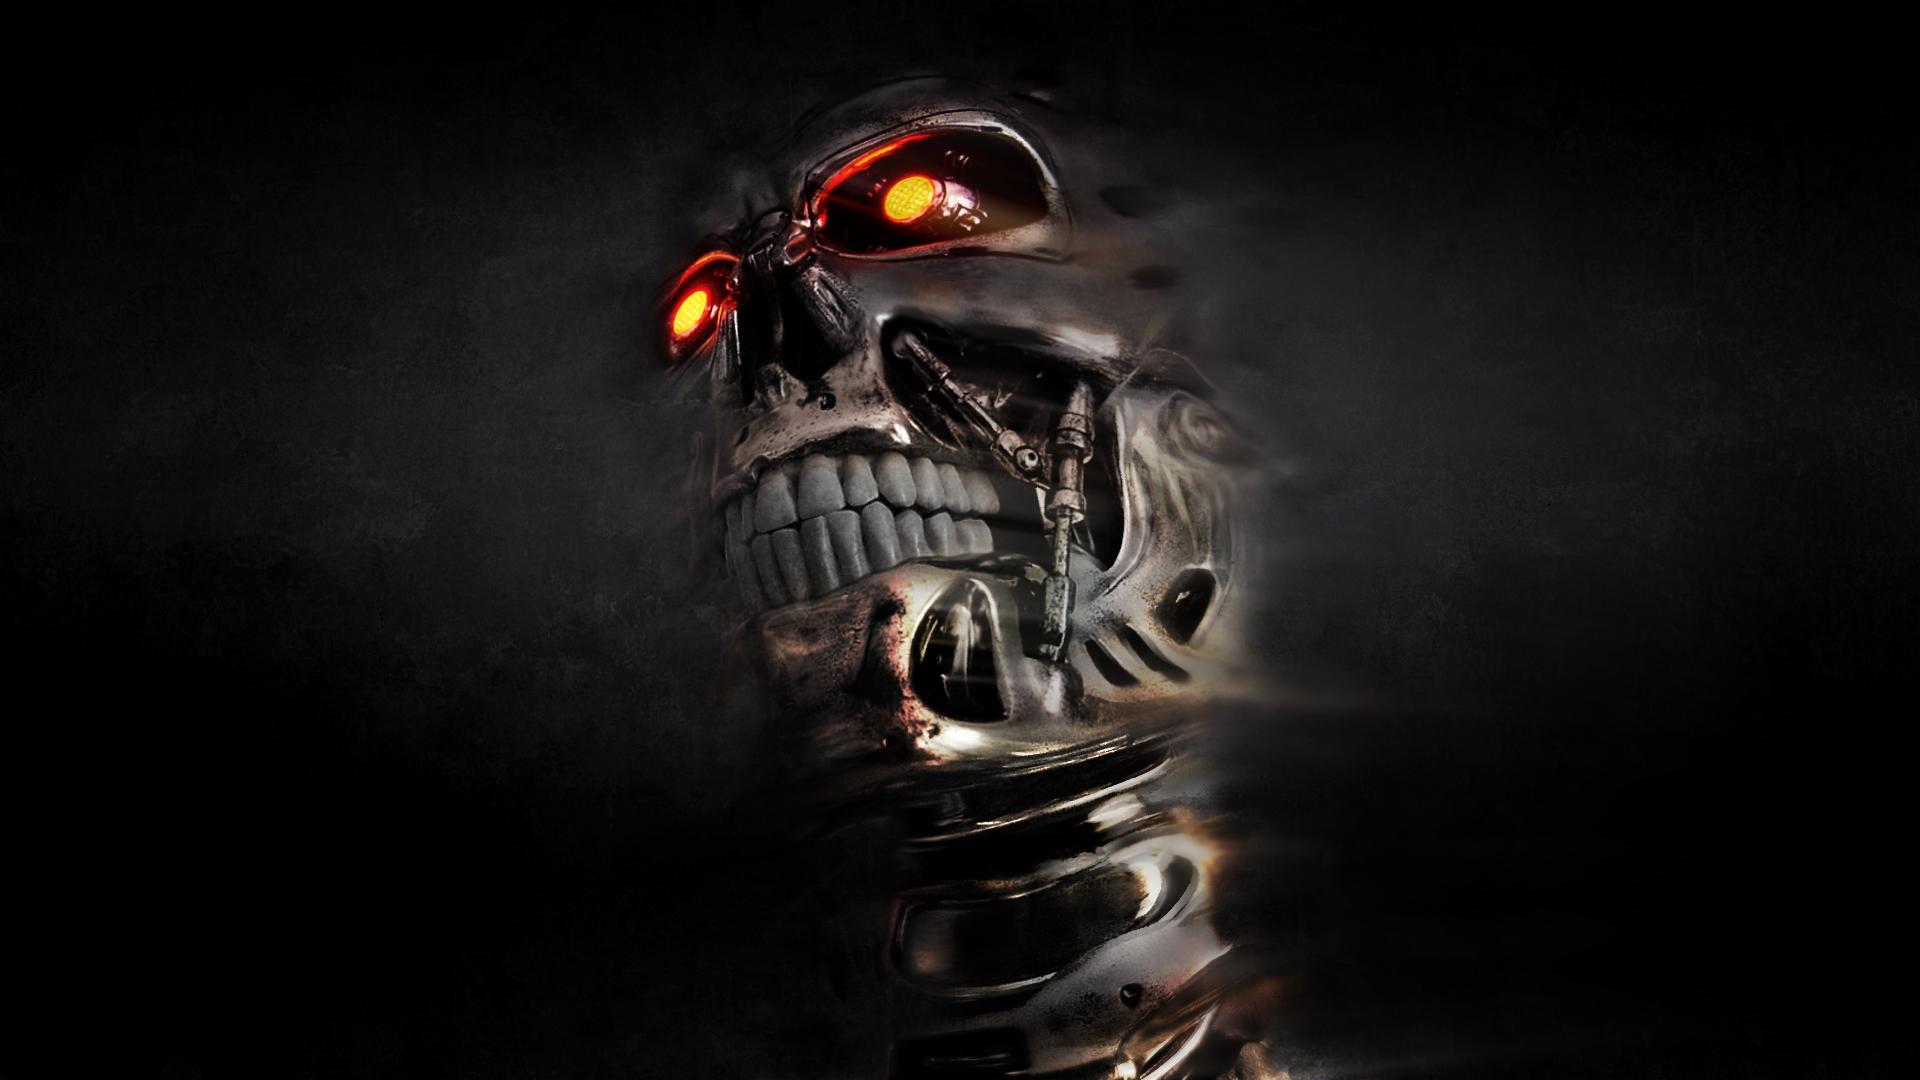 devil skull wallpaper